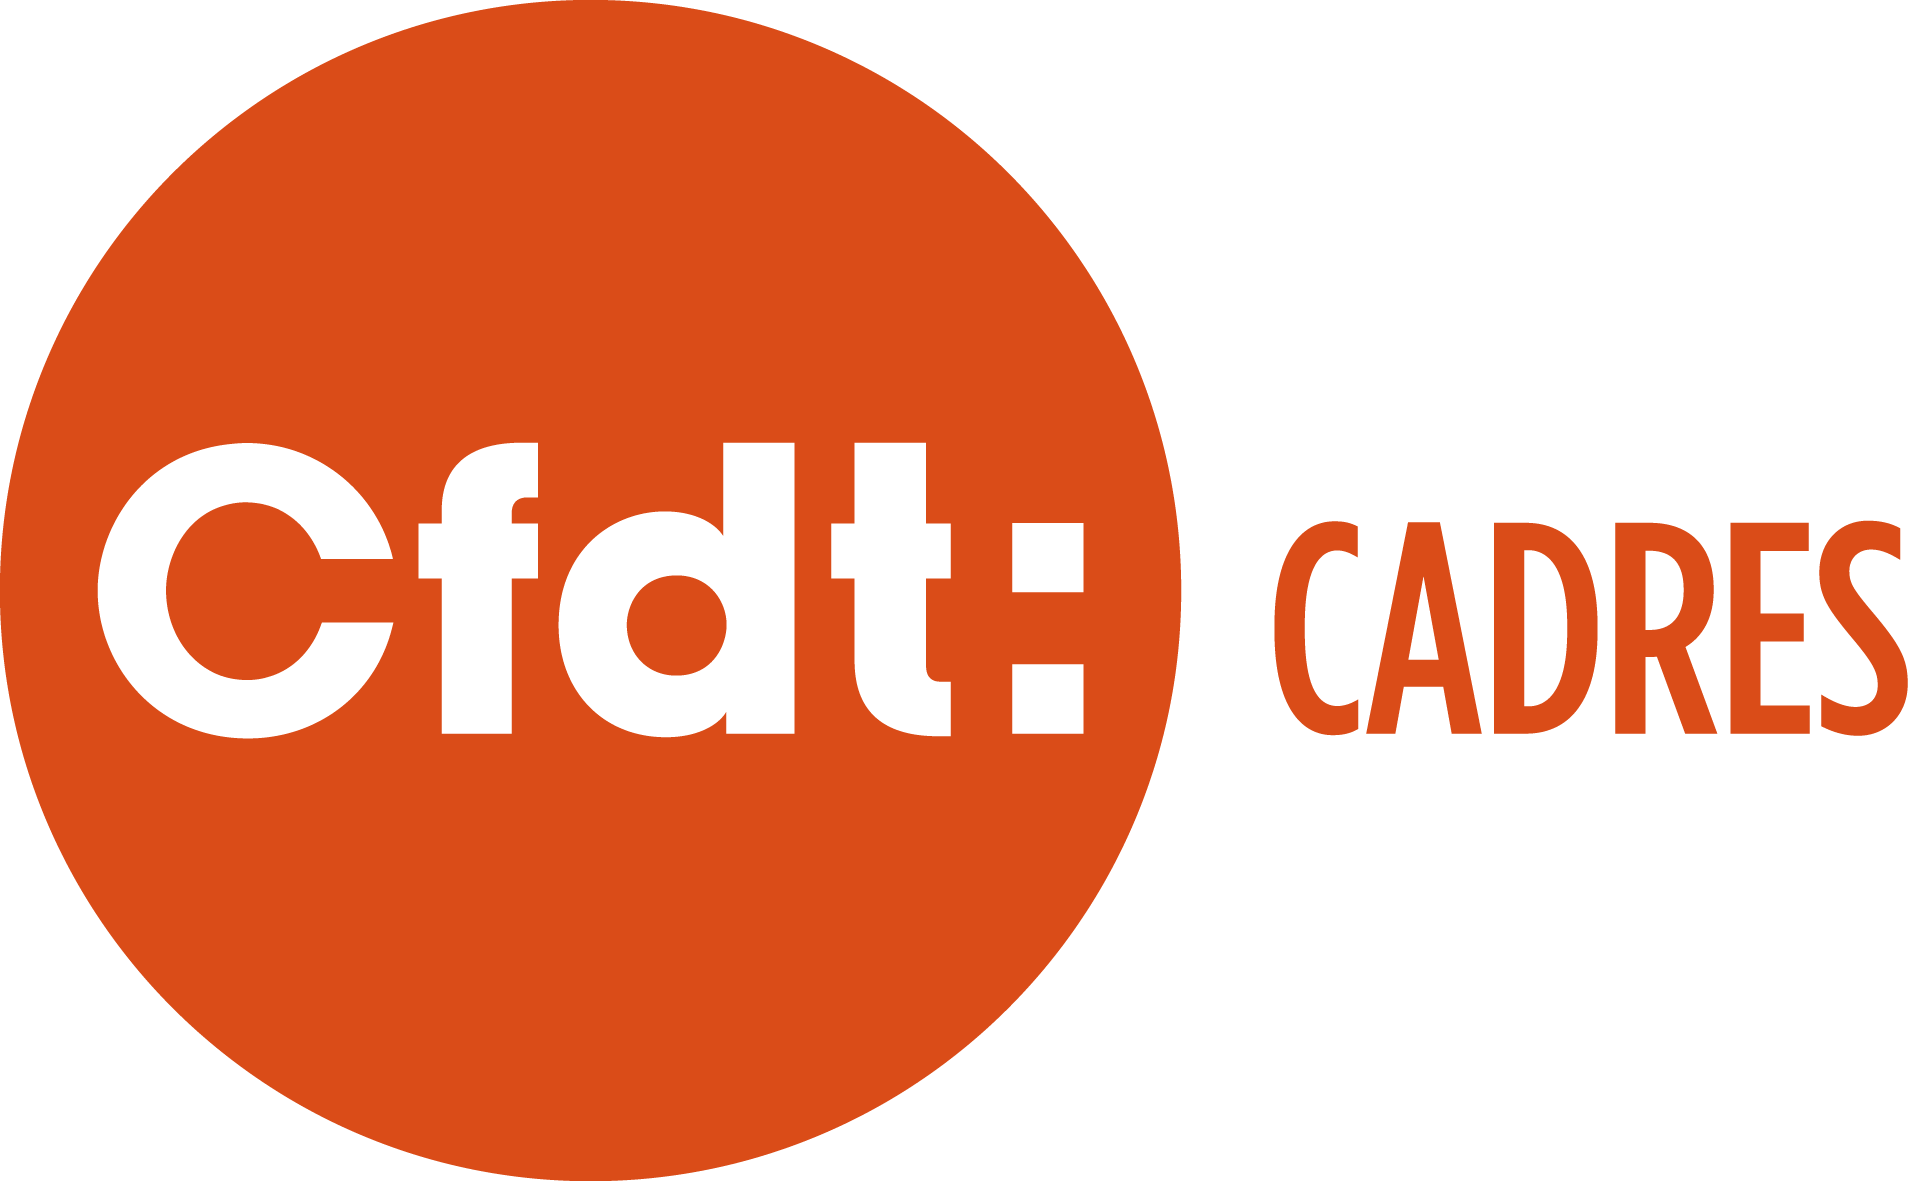 cfdt syndicat logo 03